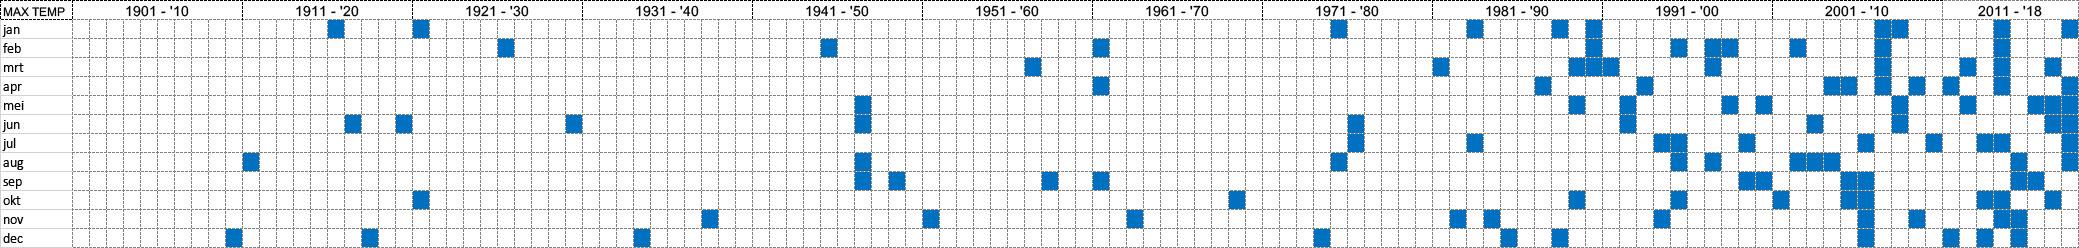 maanden die in de top 10 van warmste maanden staan (bron: KNMI)